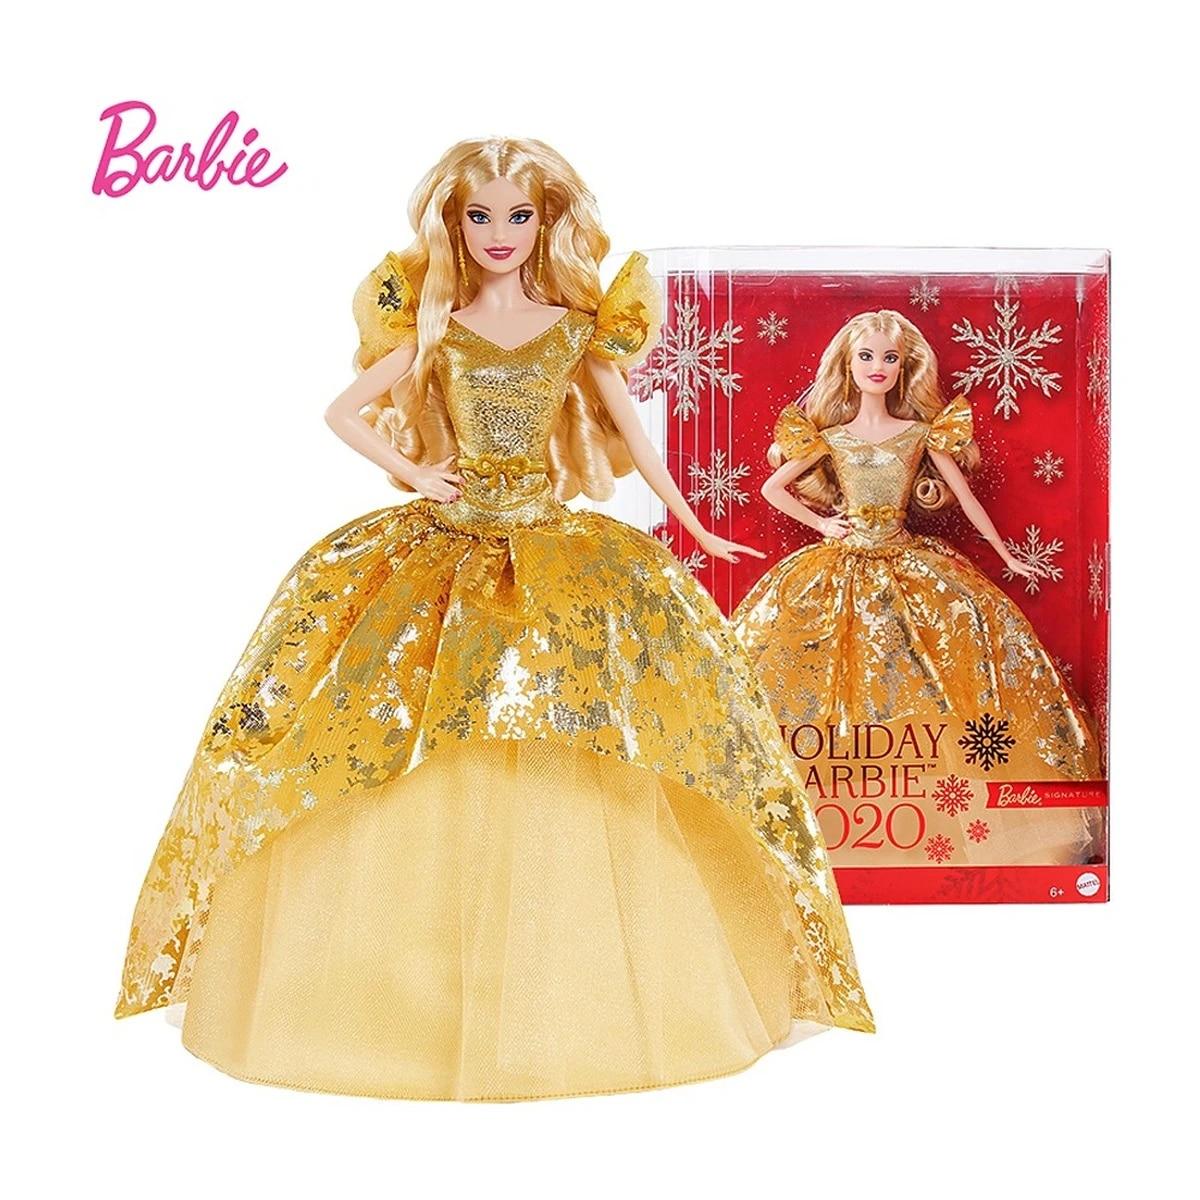 Búp Bê Barbie Holiday 2020 Bất Ngờ Búp Bê Với Mái Tóc Vàng Vàng Bộ Sưu